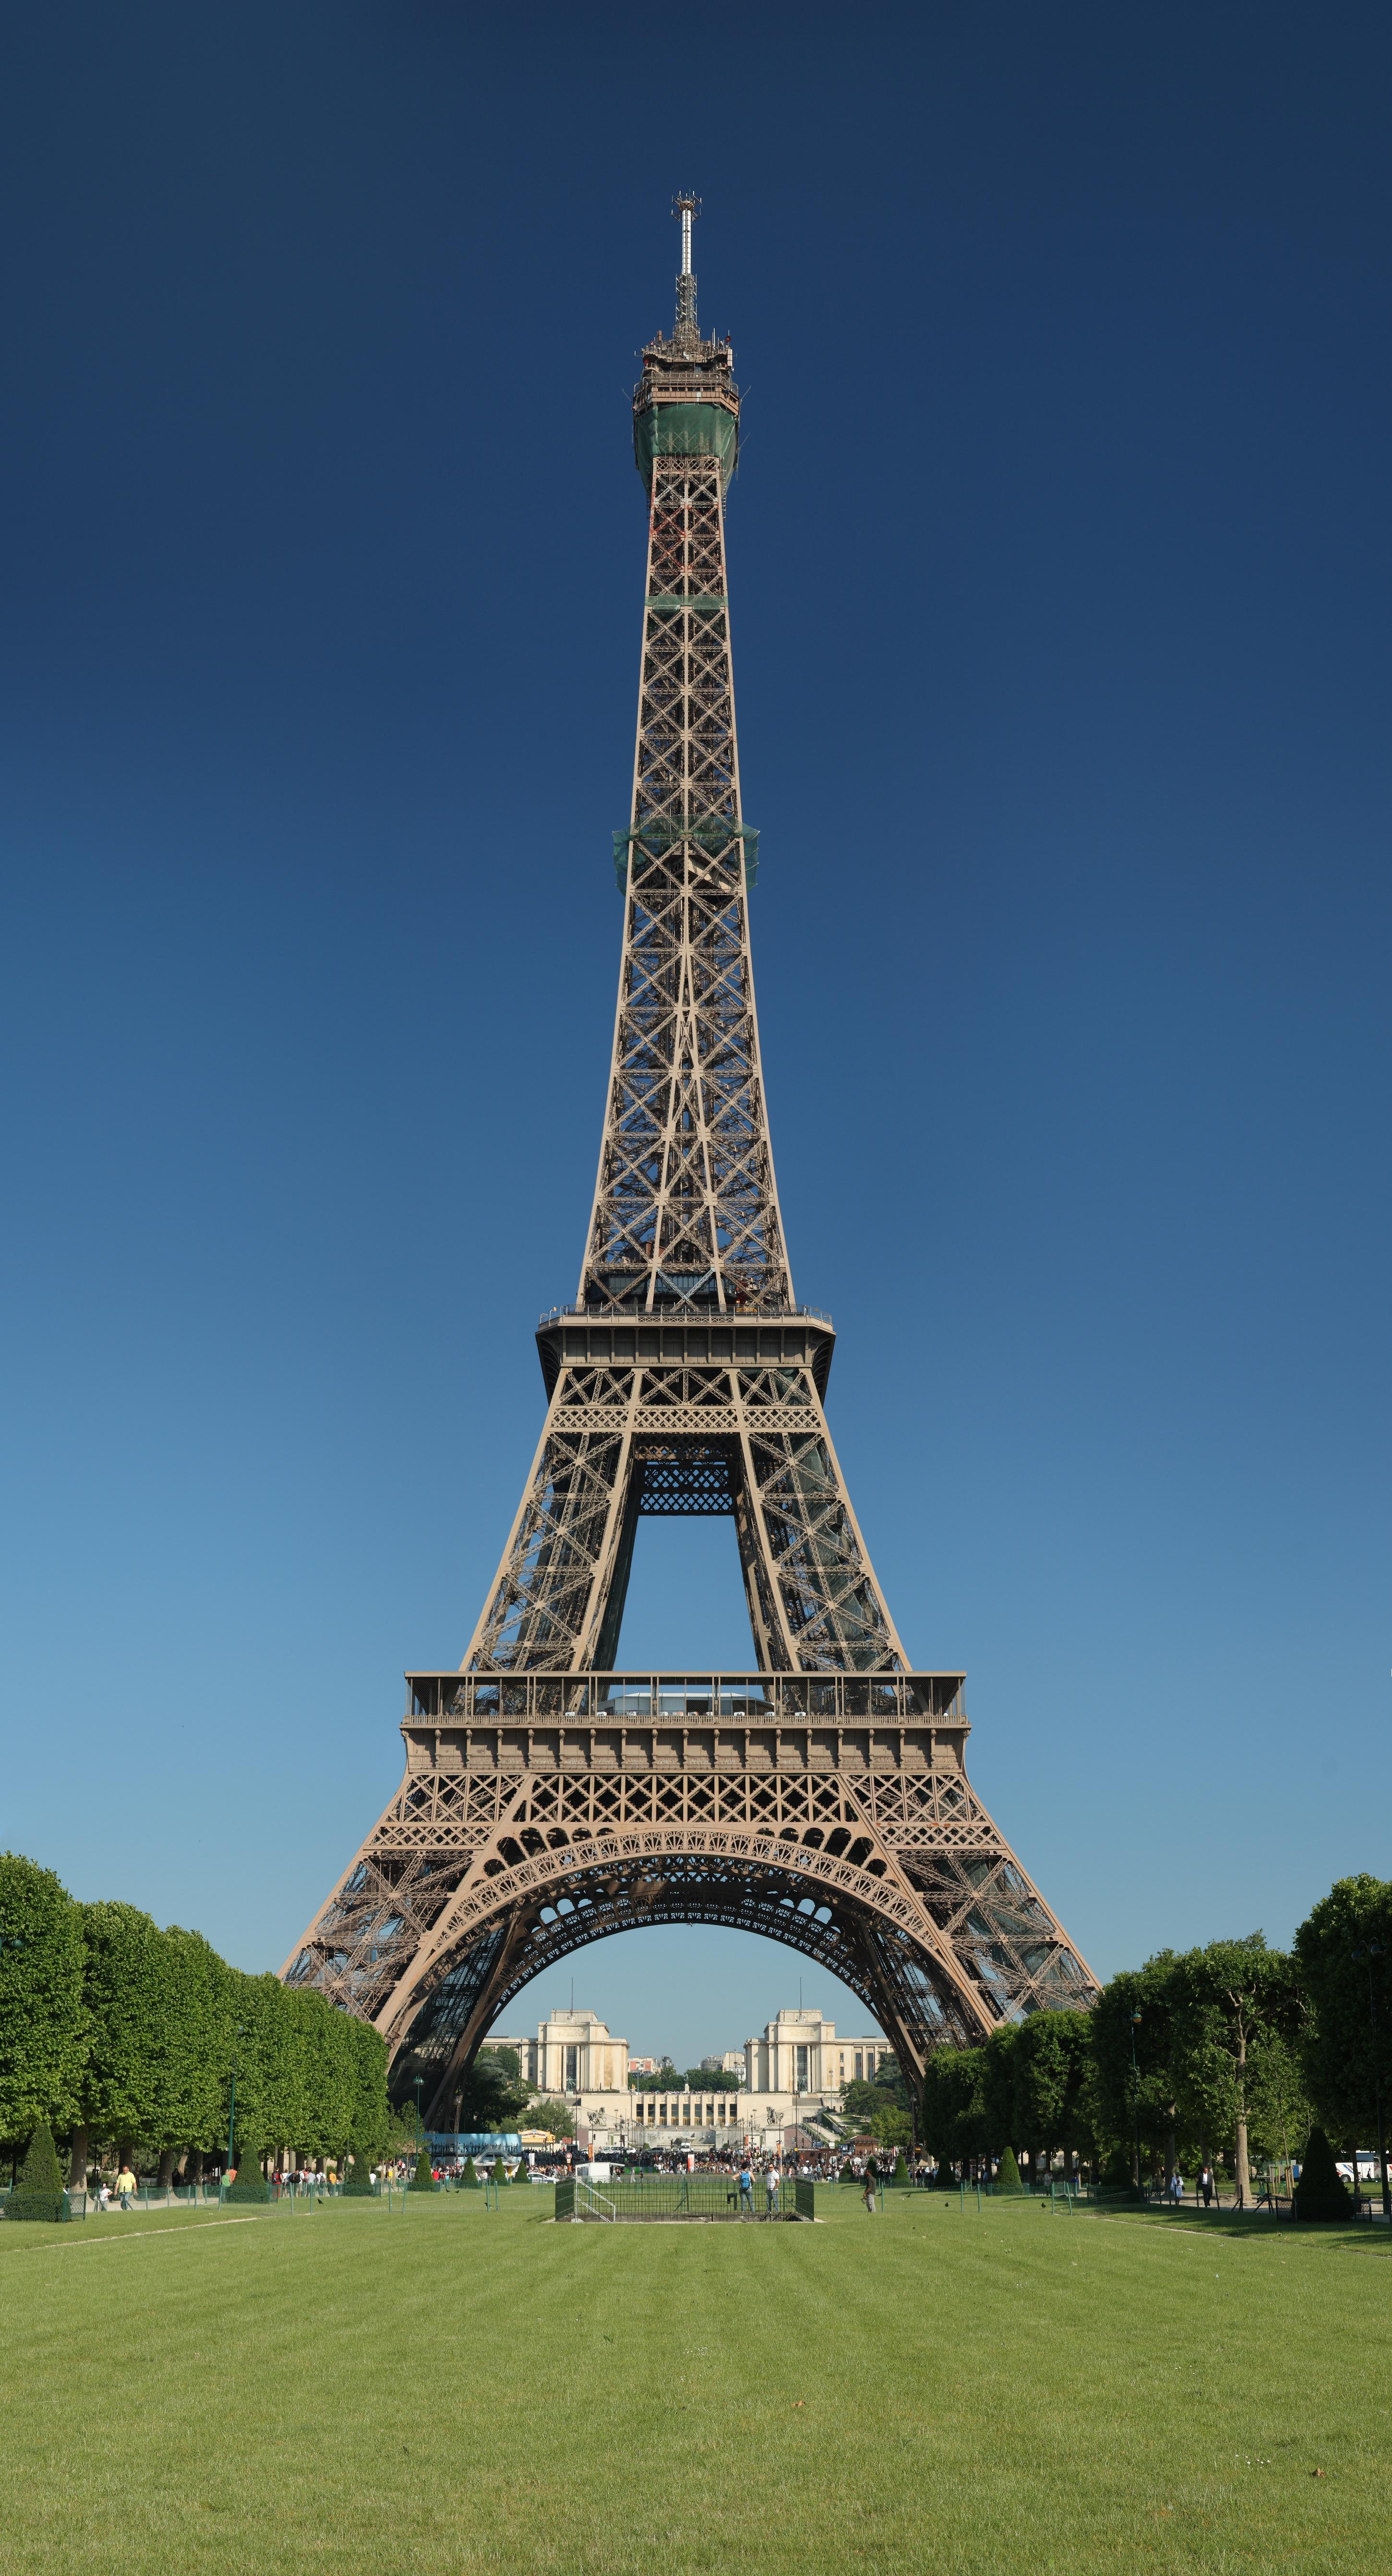 Depiction of Torre Eiffel